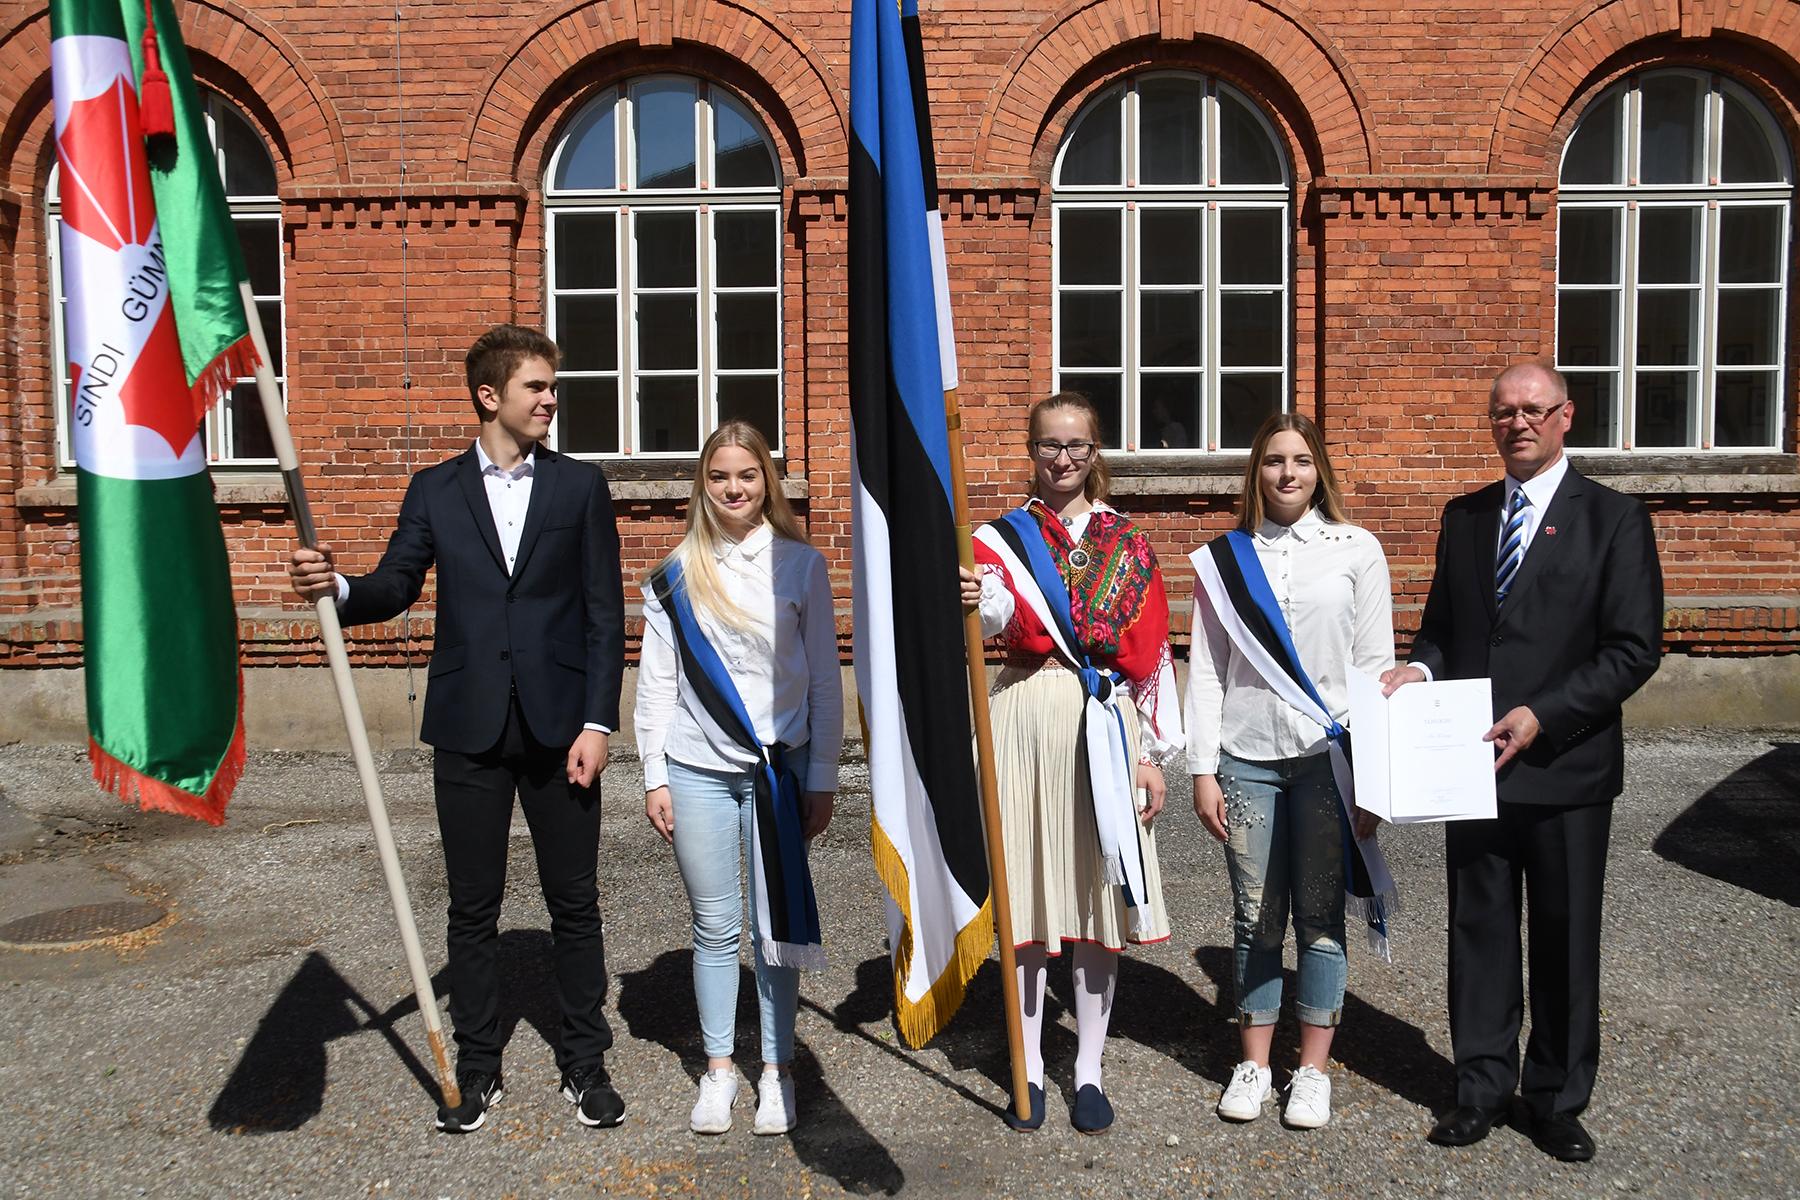 Sindi gümnaasiumi liputoimkond koos kooli lipu ja direktor Ain Keerupiga sinimustvalge lipu 135. sünnipäeval koolimaja õuel. Foto Urmas Saard